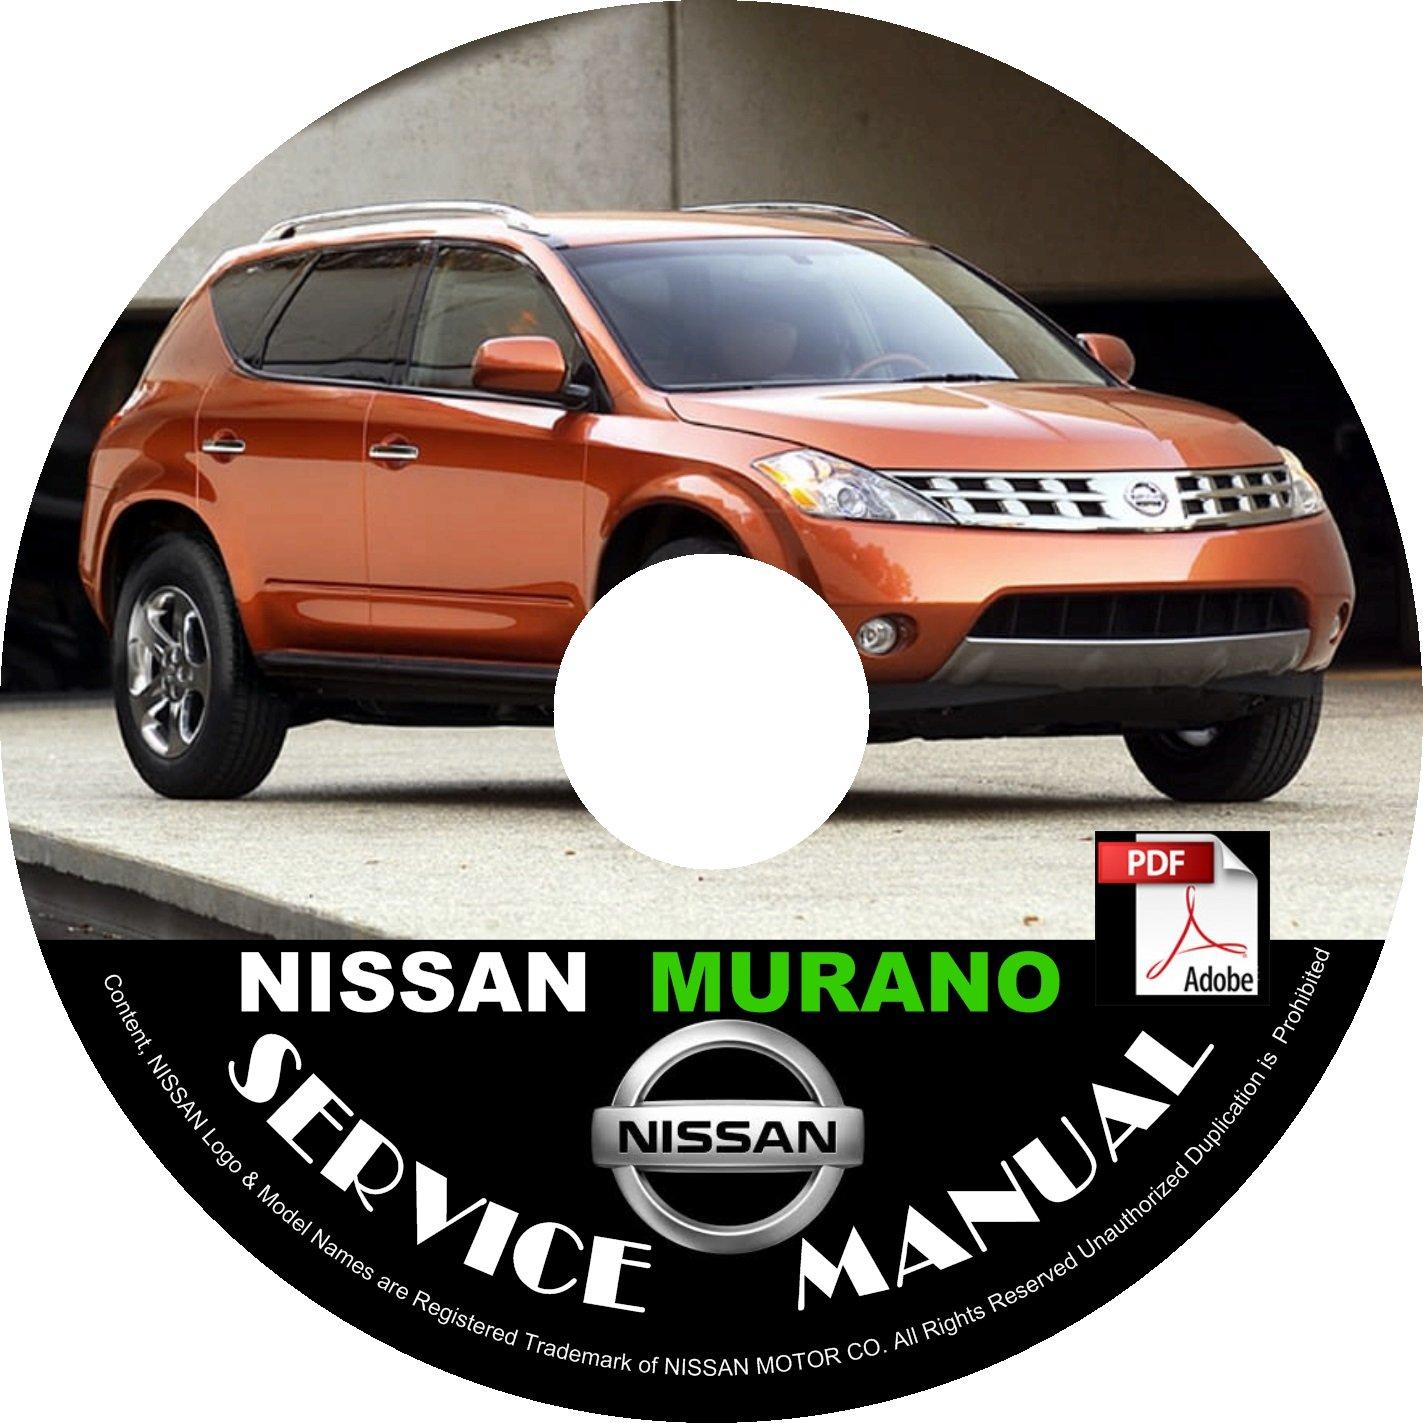 2003 03 Nissan Murano Service Repair Shop Manual on CD Fix Repair Rebuild '03 Workshop Guide